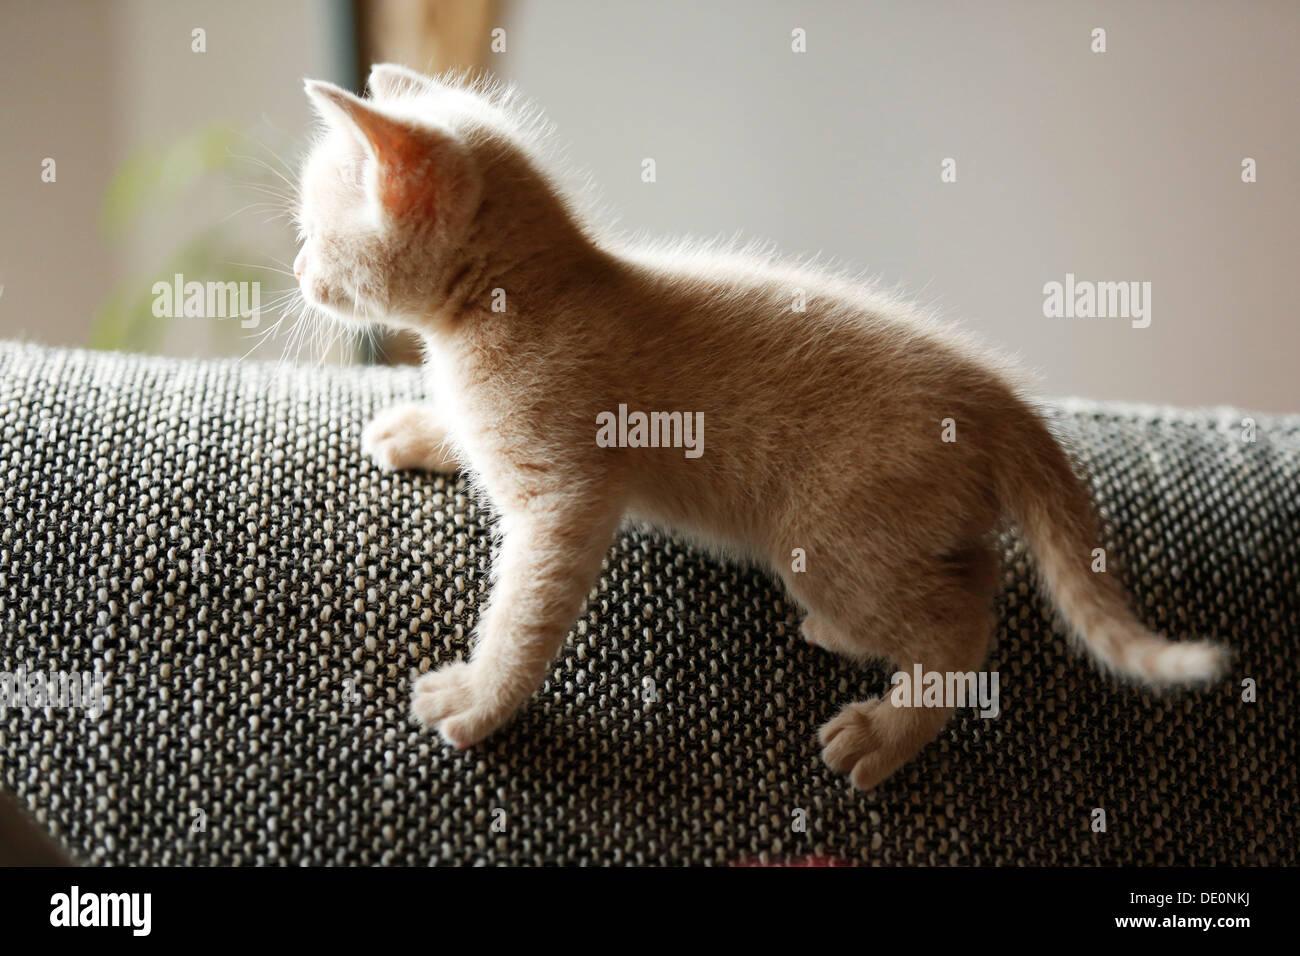 Gattino, 6 settimane, in piedi su un divano Immagini Stock